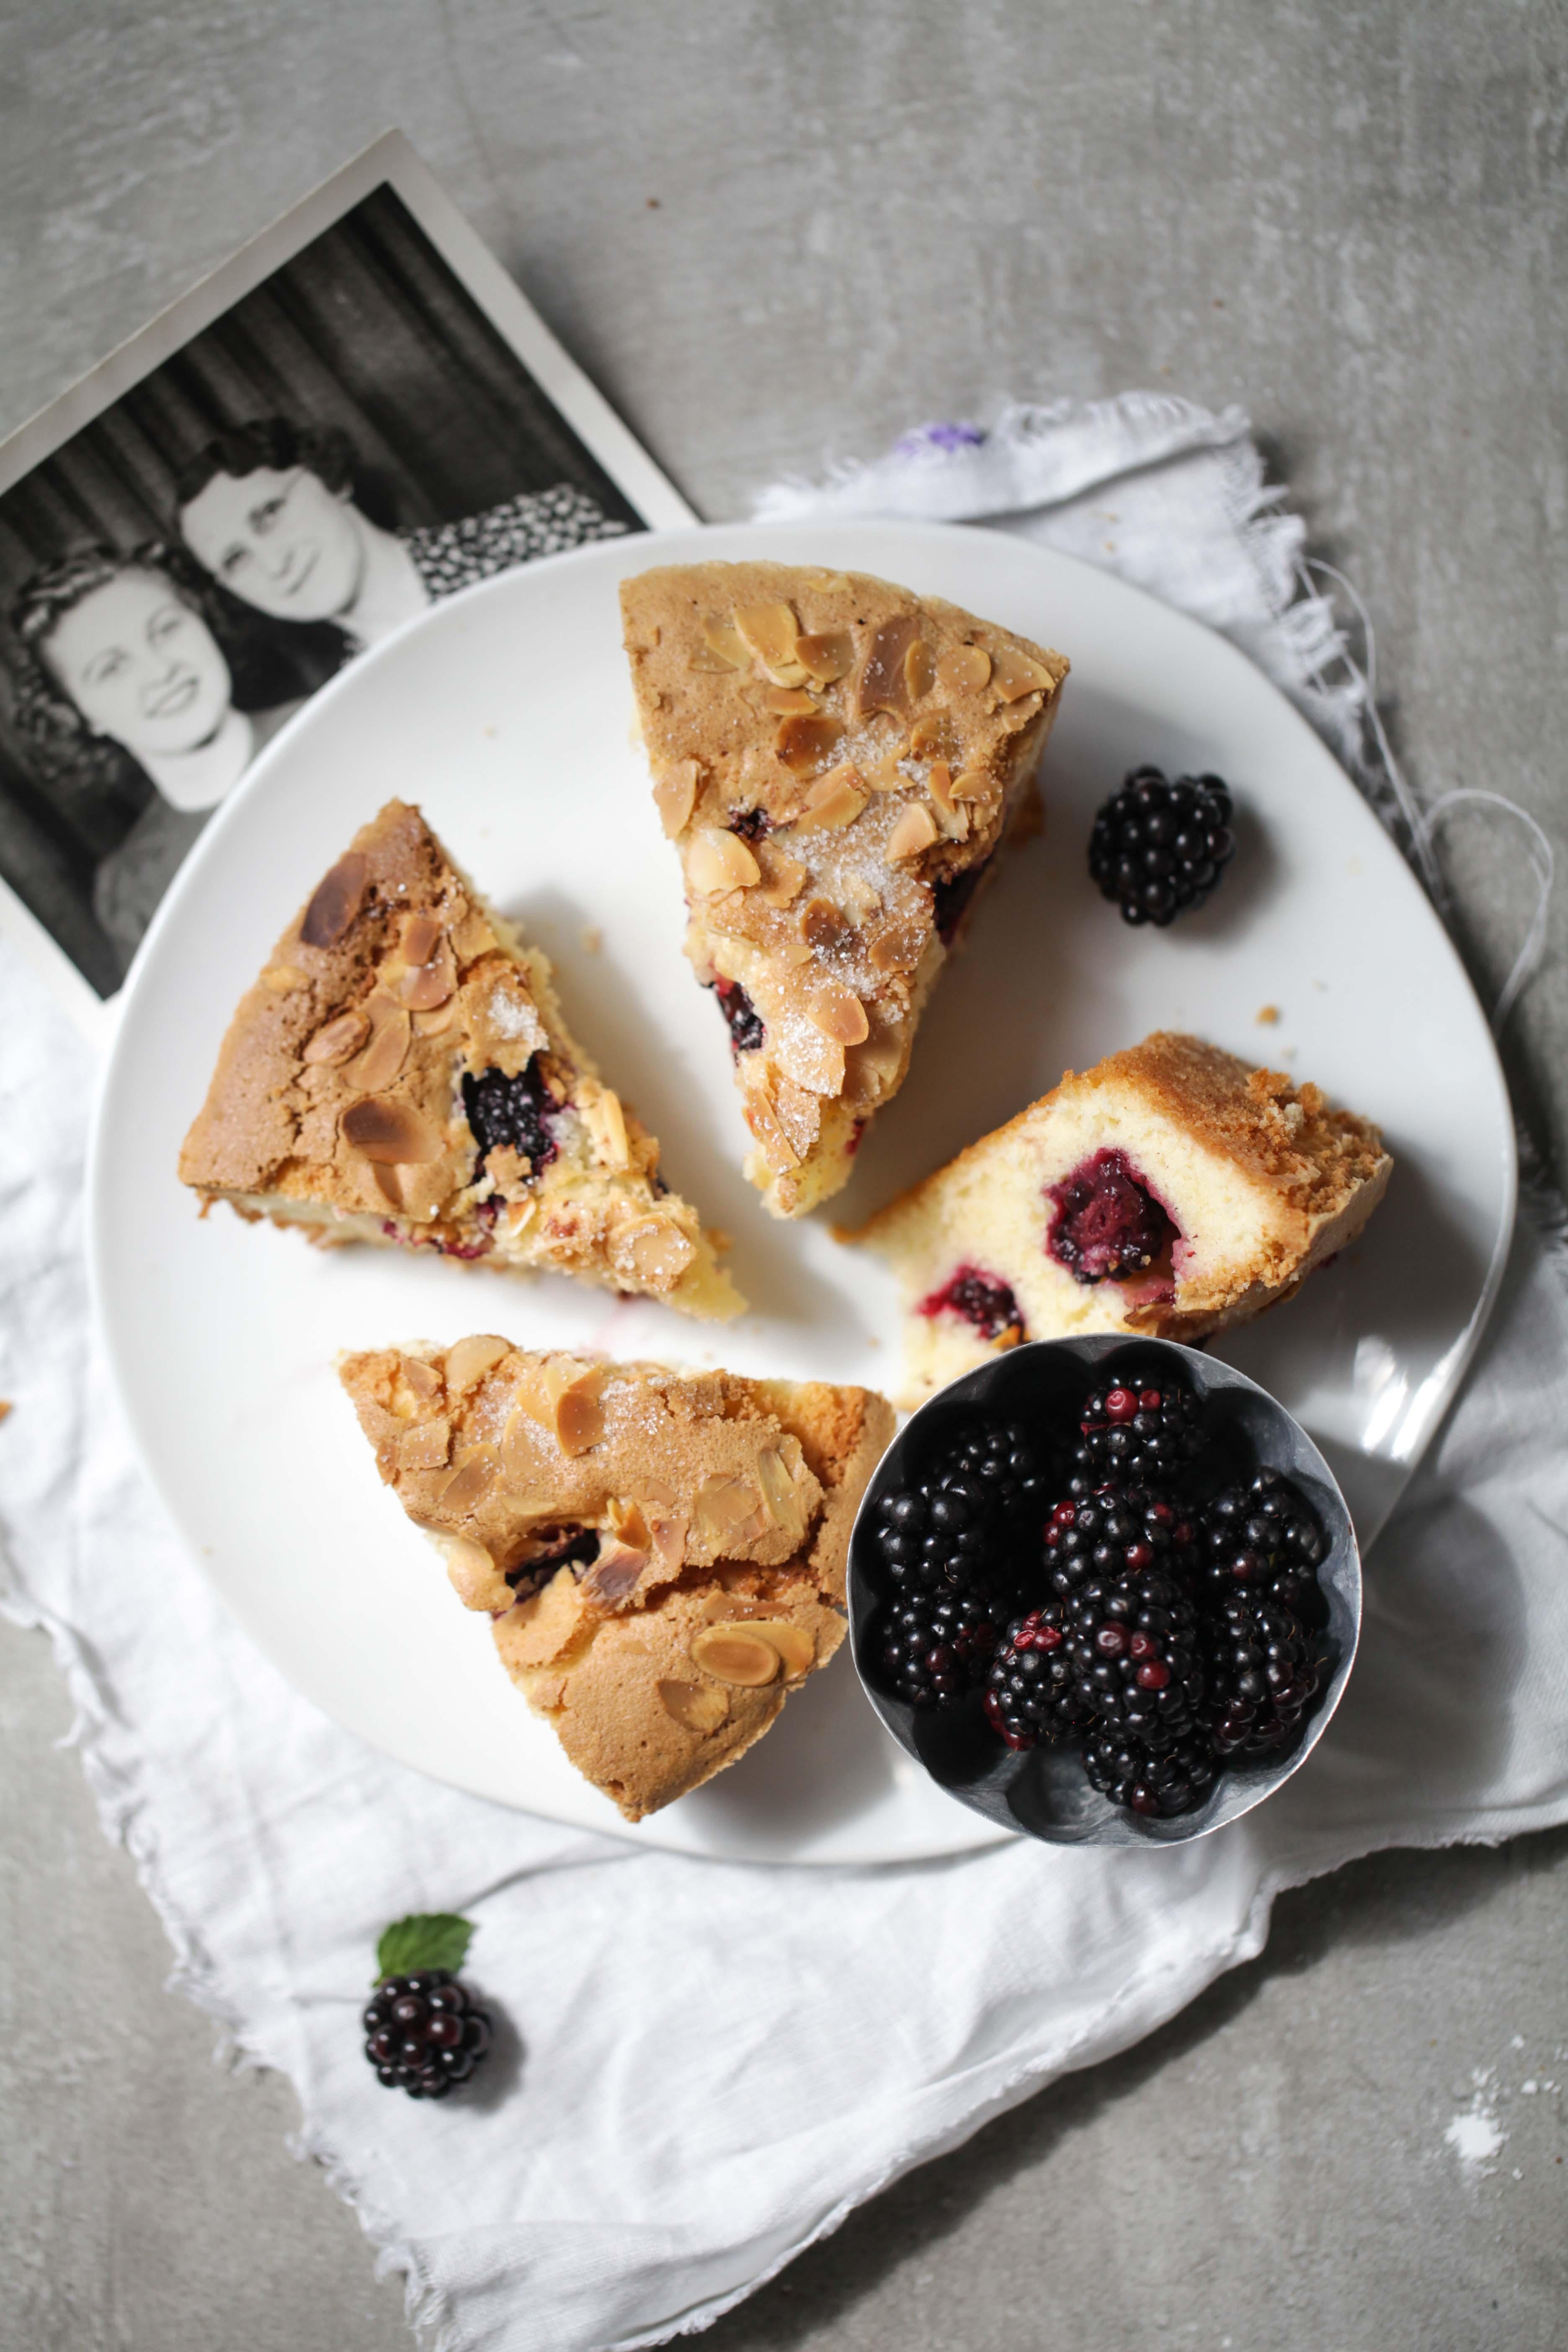 Rezept Brombeerkuchen Mandelkuchen Blackberry Cake Recipe Sommerkuchenrezept einfacher Kuchen Brombeerrezepte Backblog Foodblog Zuckerzimtundliebe